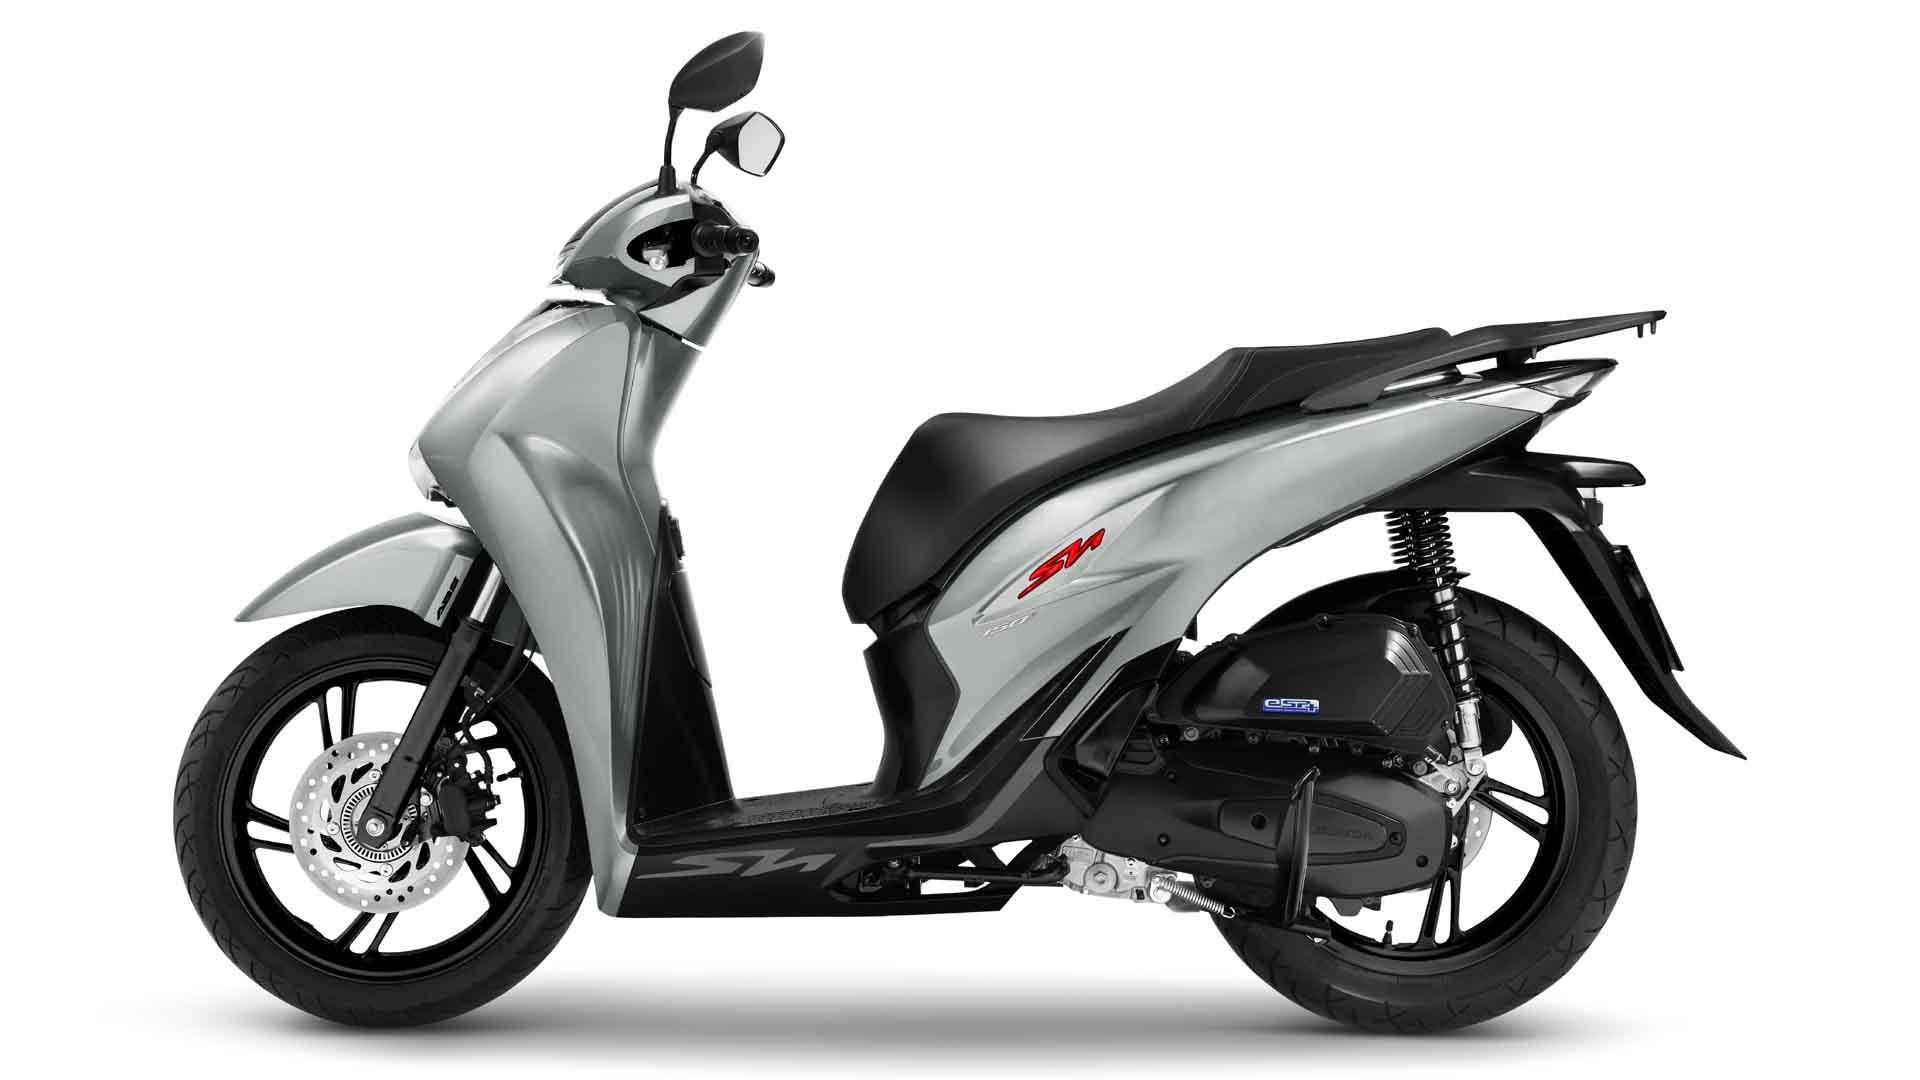 Honda SH phiên bản màu xám bóng